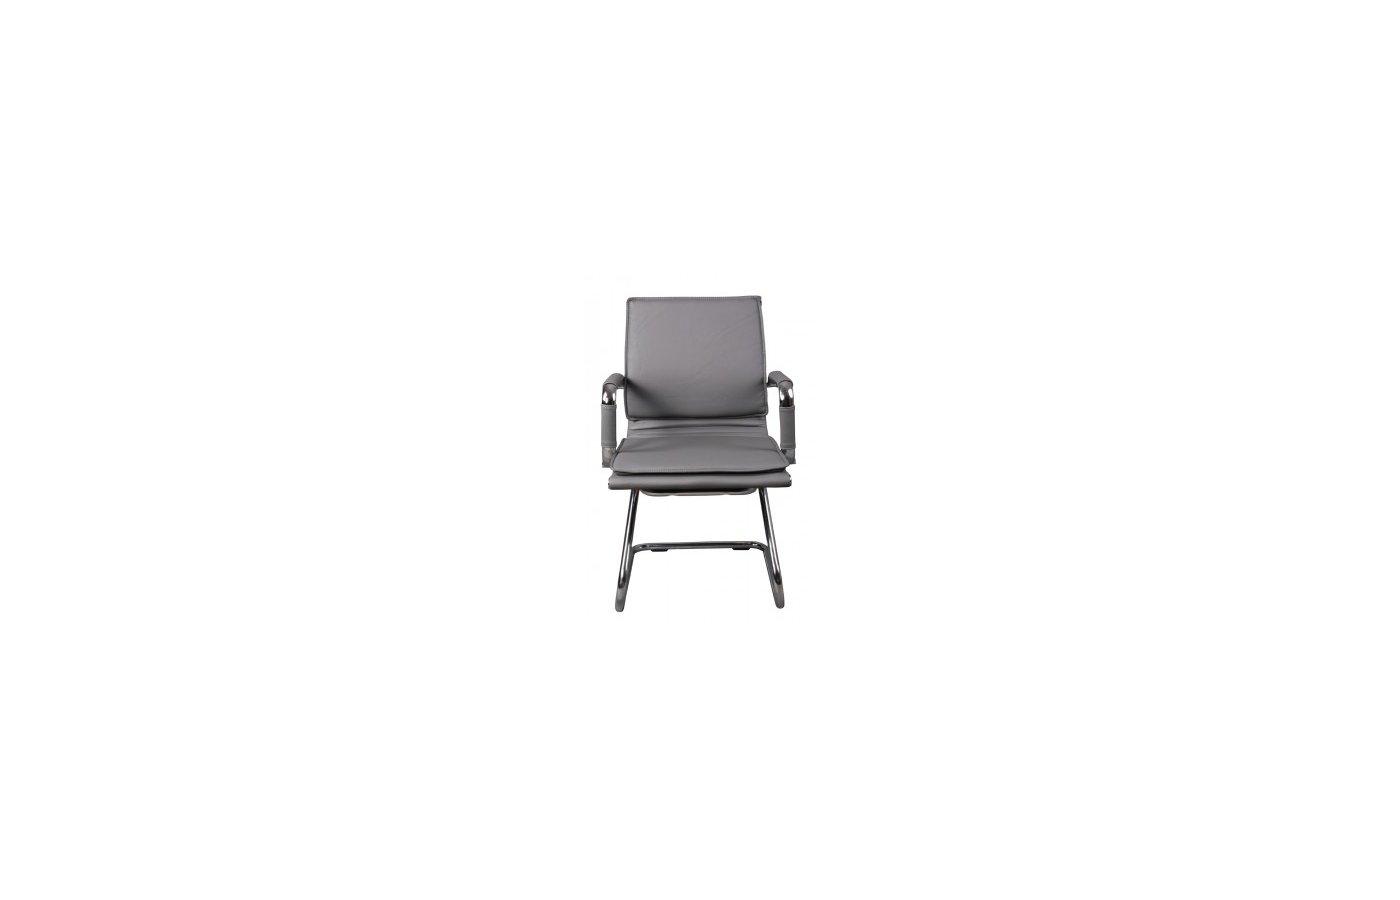 Бюрократ CH-993-Low-V/grey низкая спинка серый искусственная кожа полозья хром